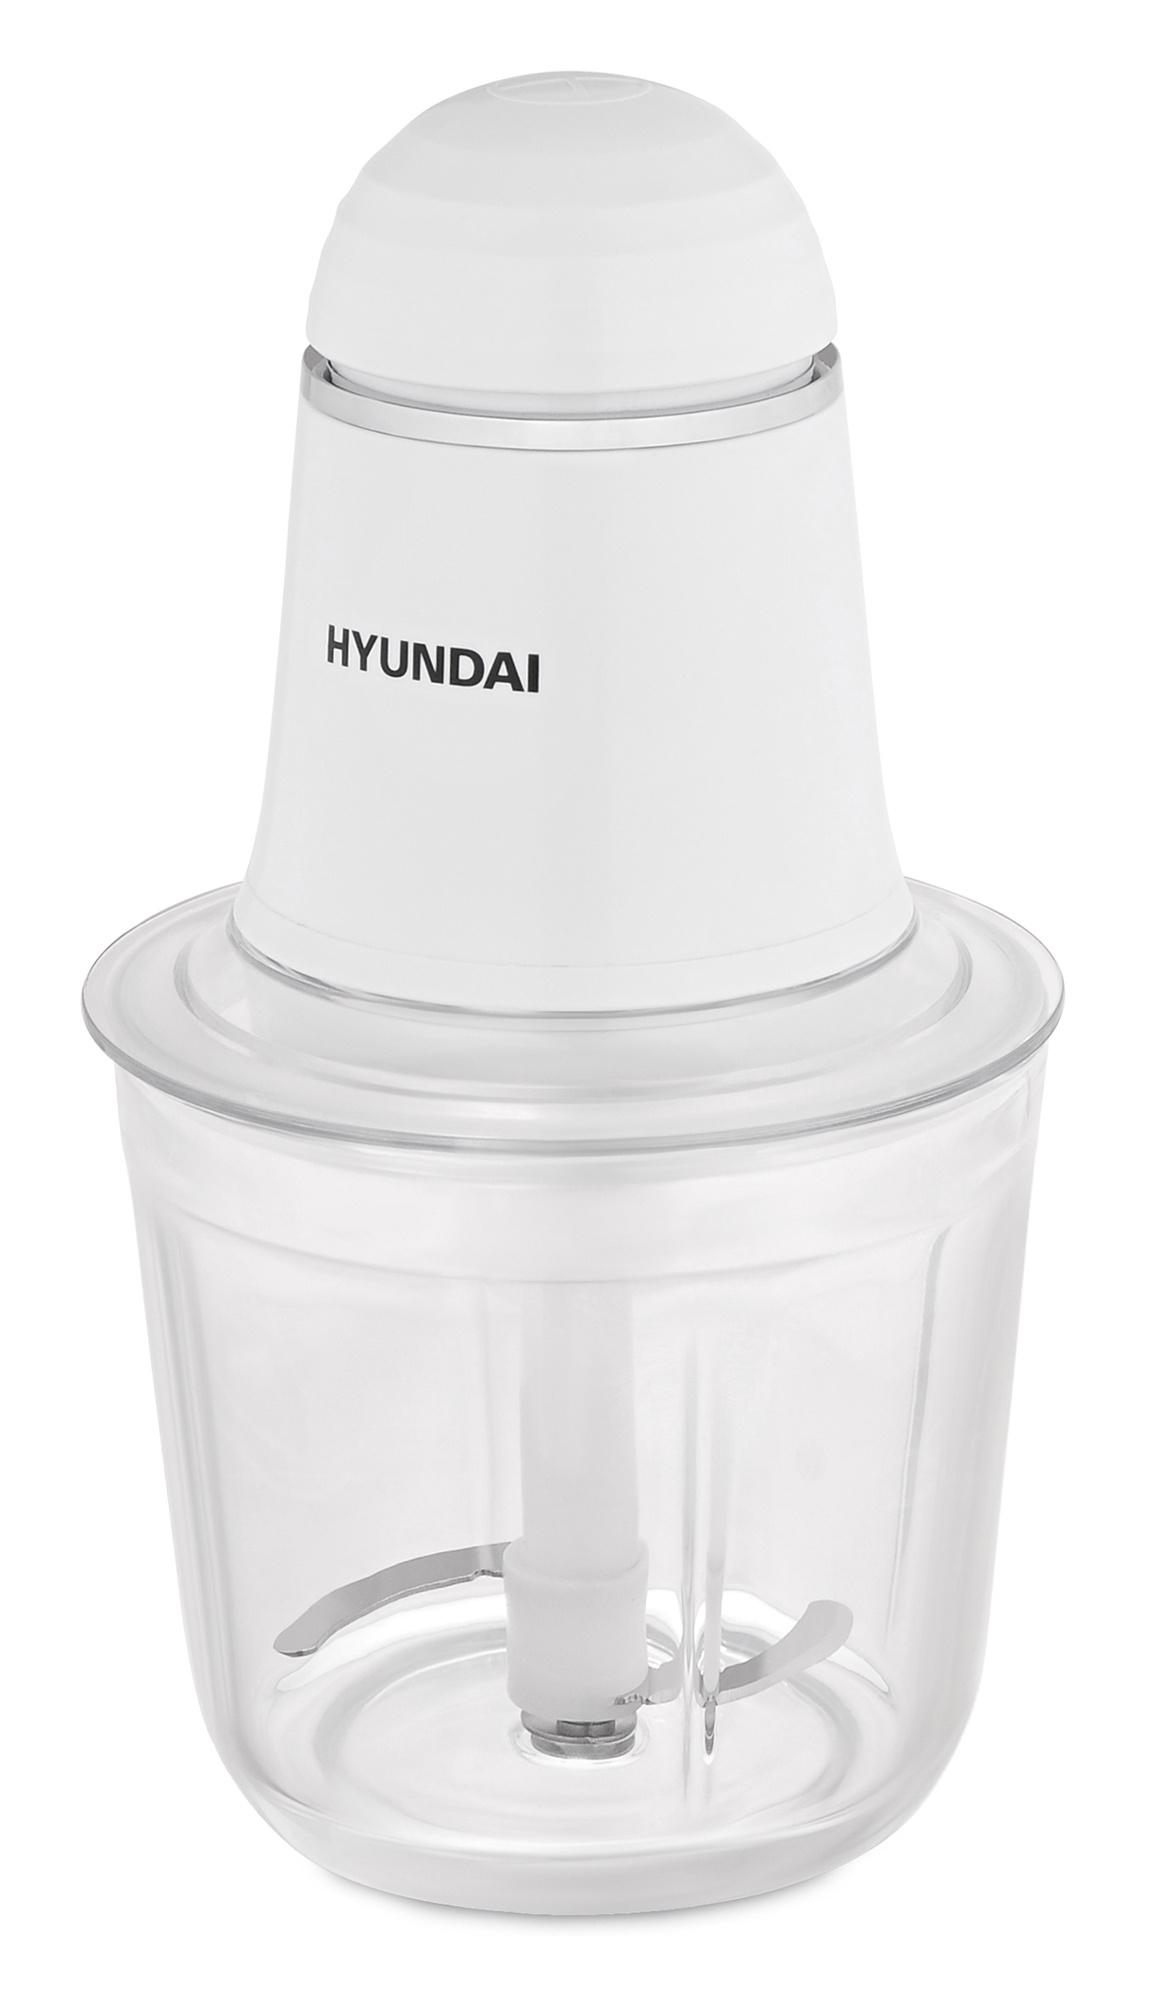 Измельчитель электрический Hyundai HYC-P2105 0.5л. 200Вт слоновая кость